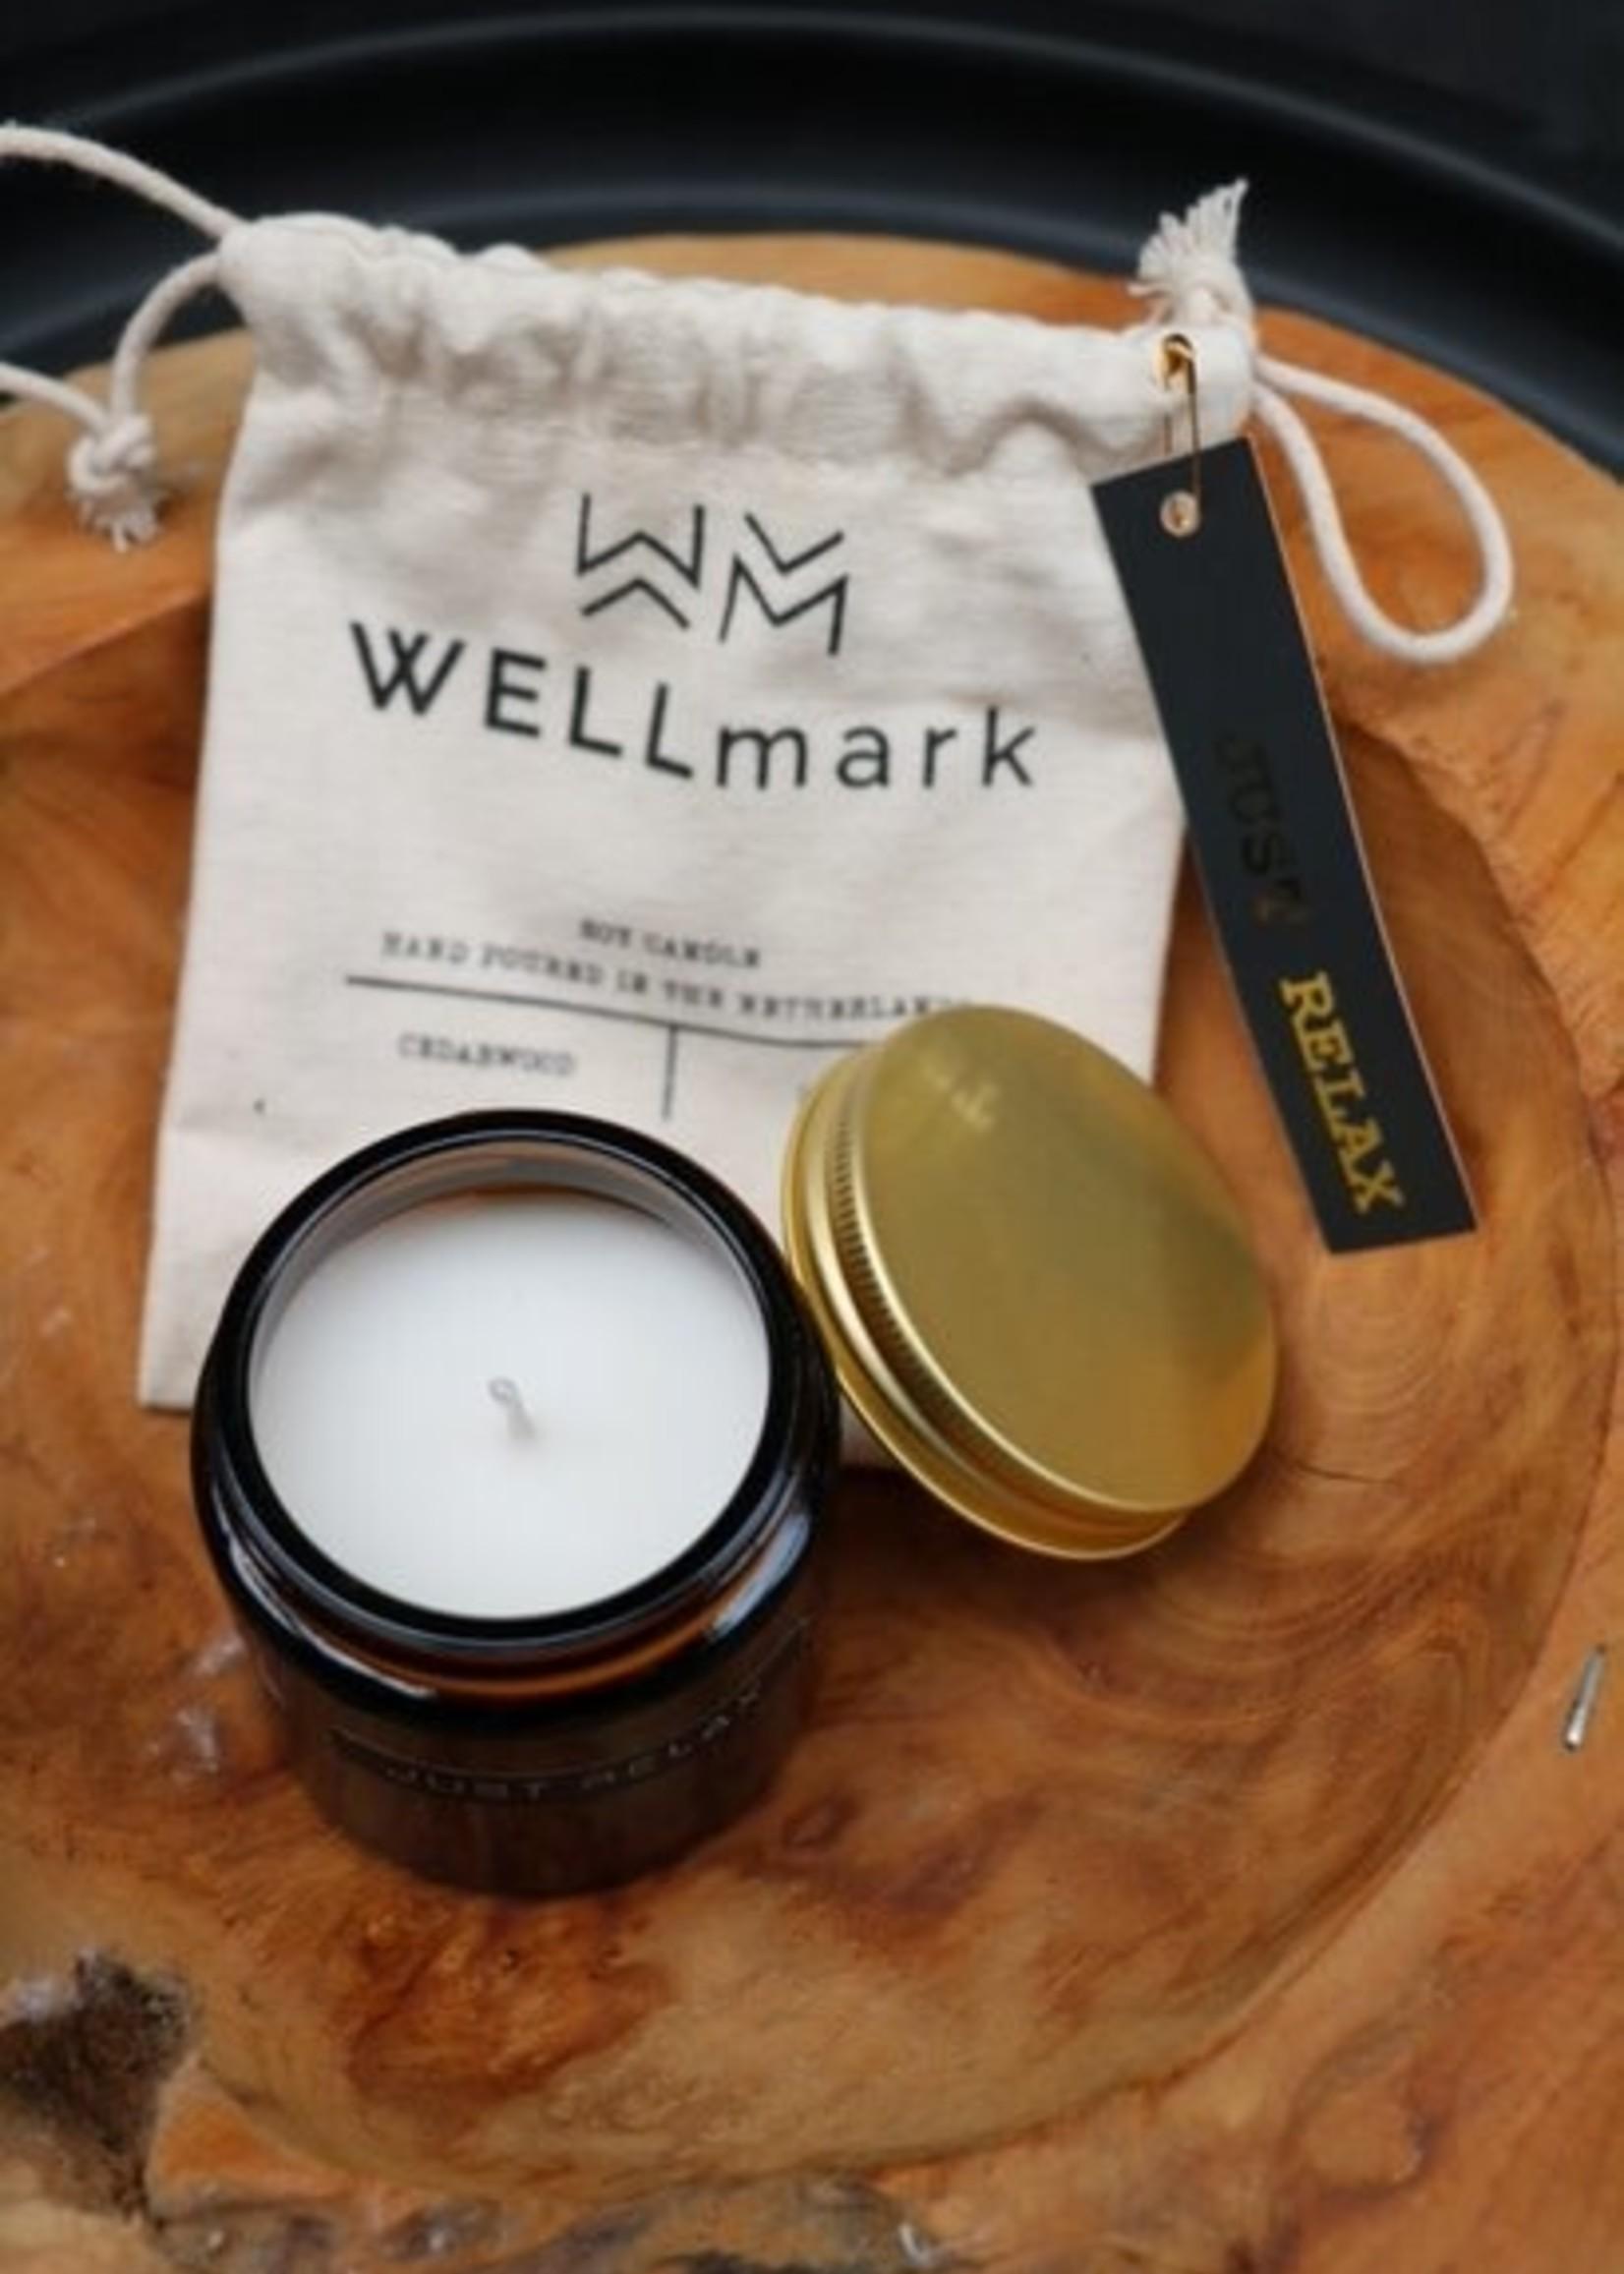 WELLmark WELLmark - Kleine geurkaars cedarwood bruin glas -  'let's get cozy'